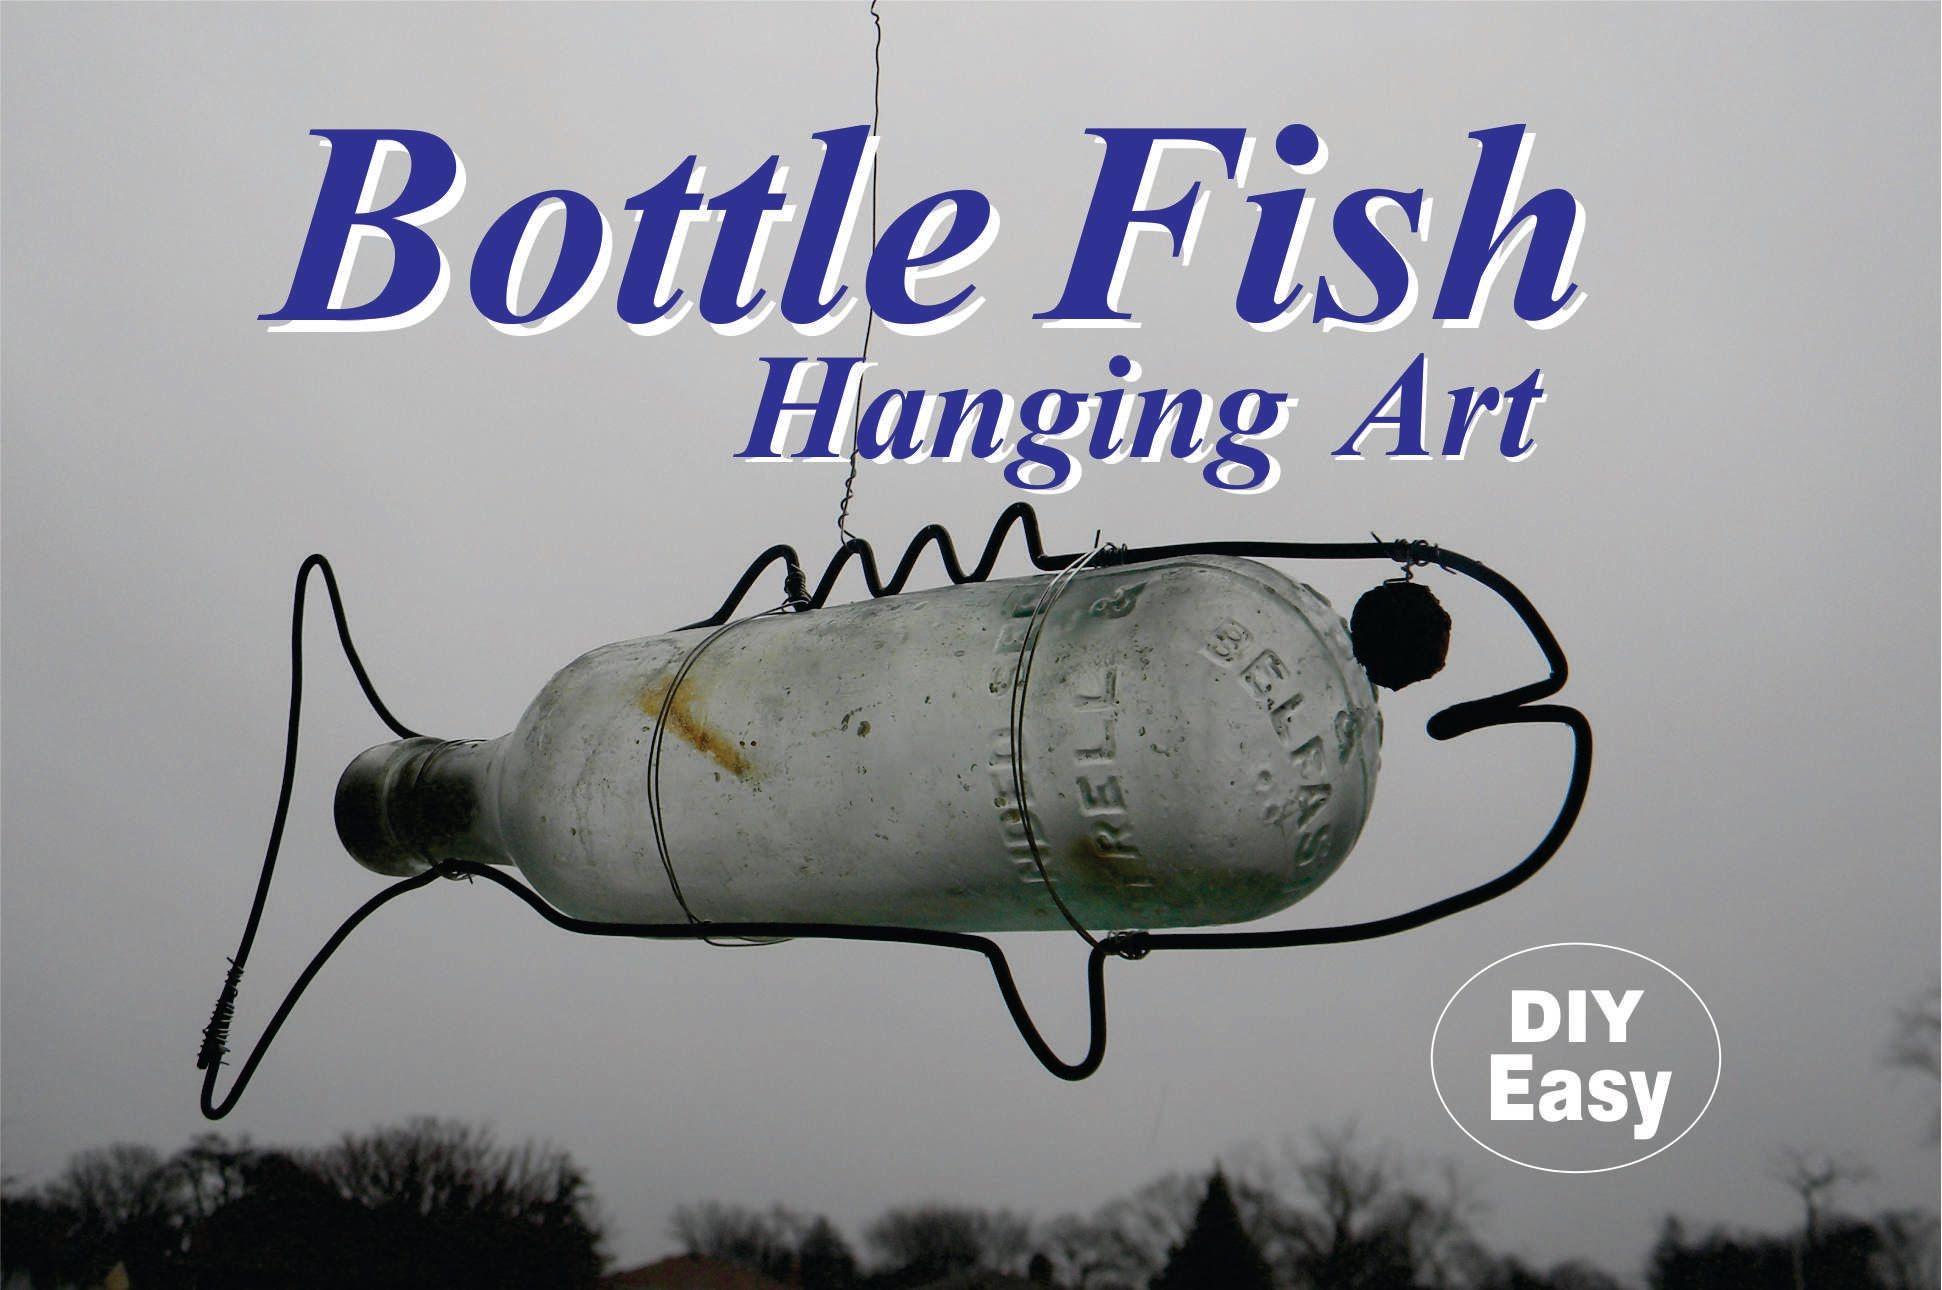 Flaschenfische basteln - Man braucht dazu schöne Flaschen, stabiler ...